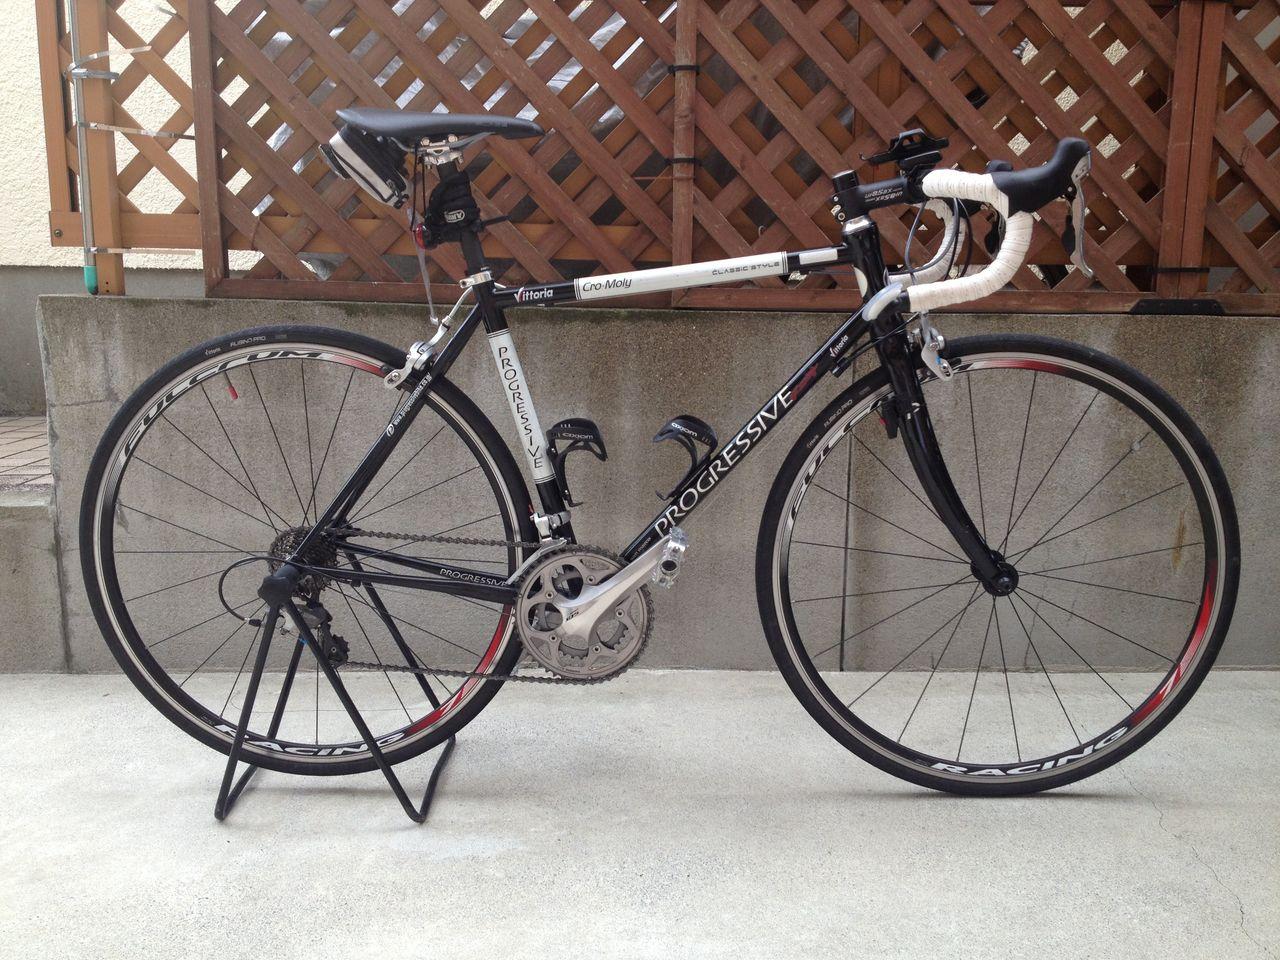 ... なるままに自転車中心のブログ